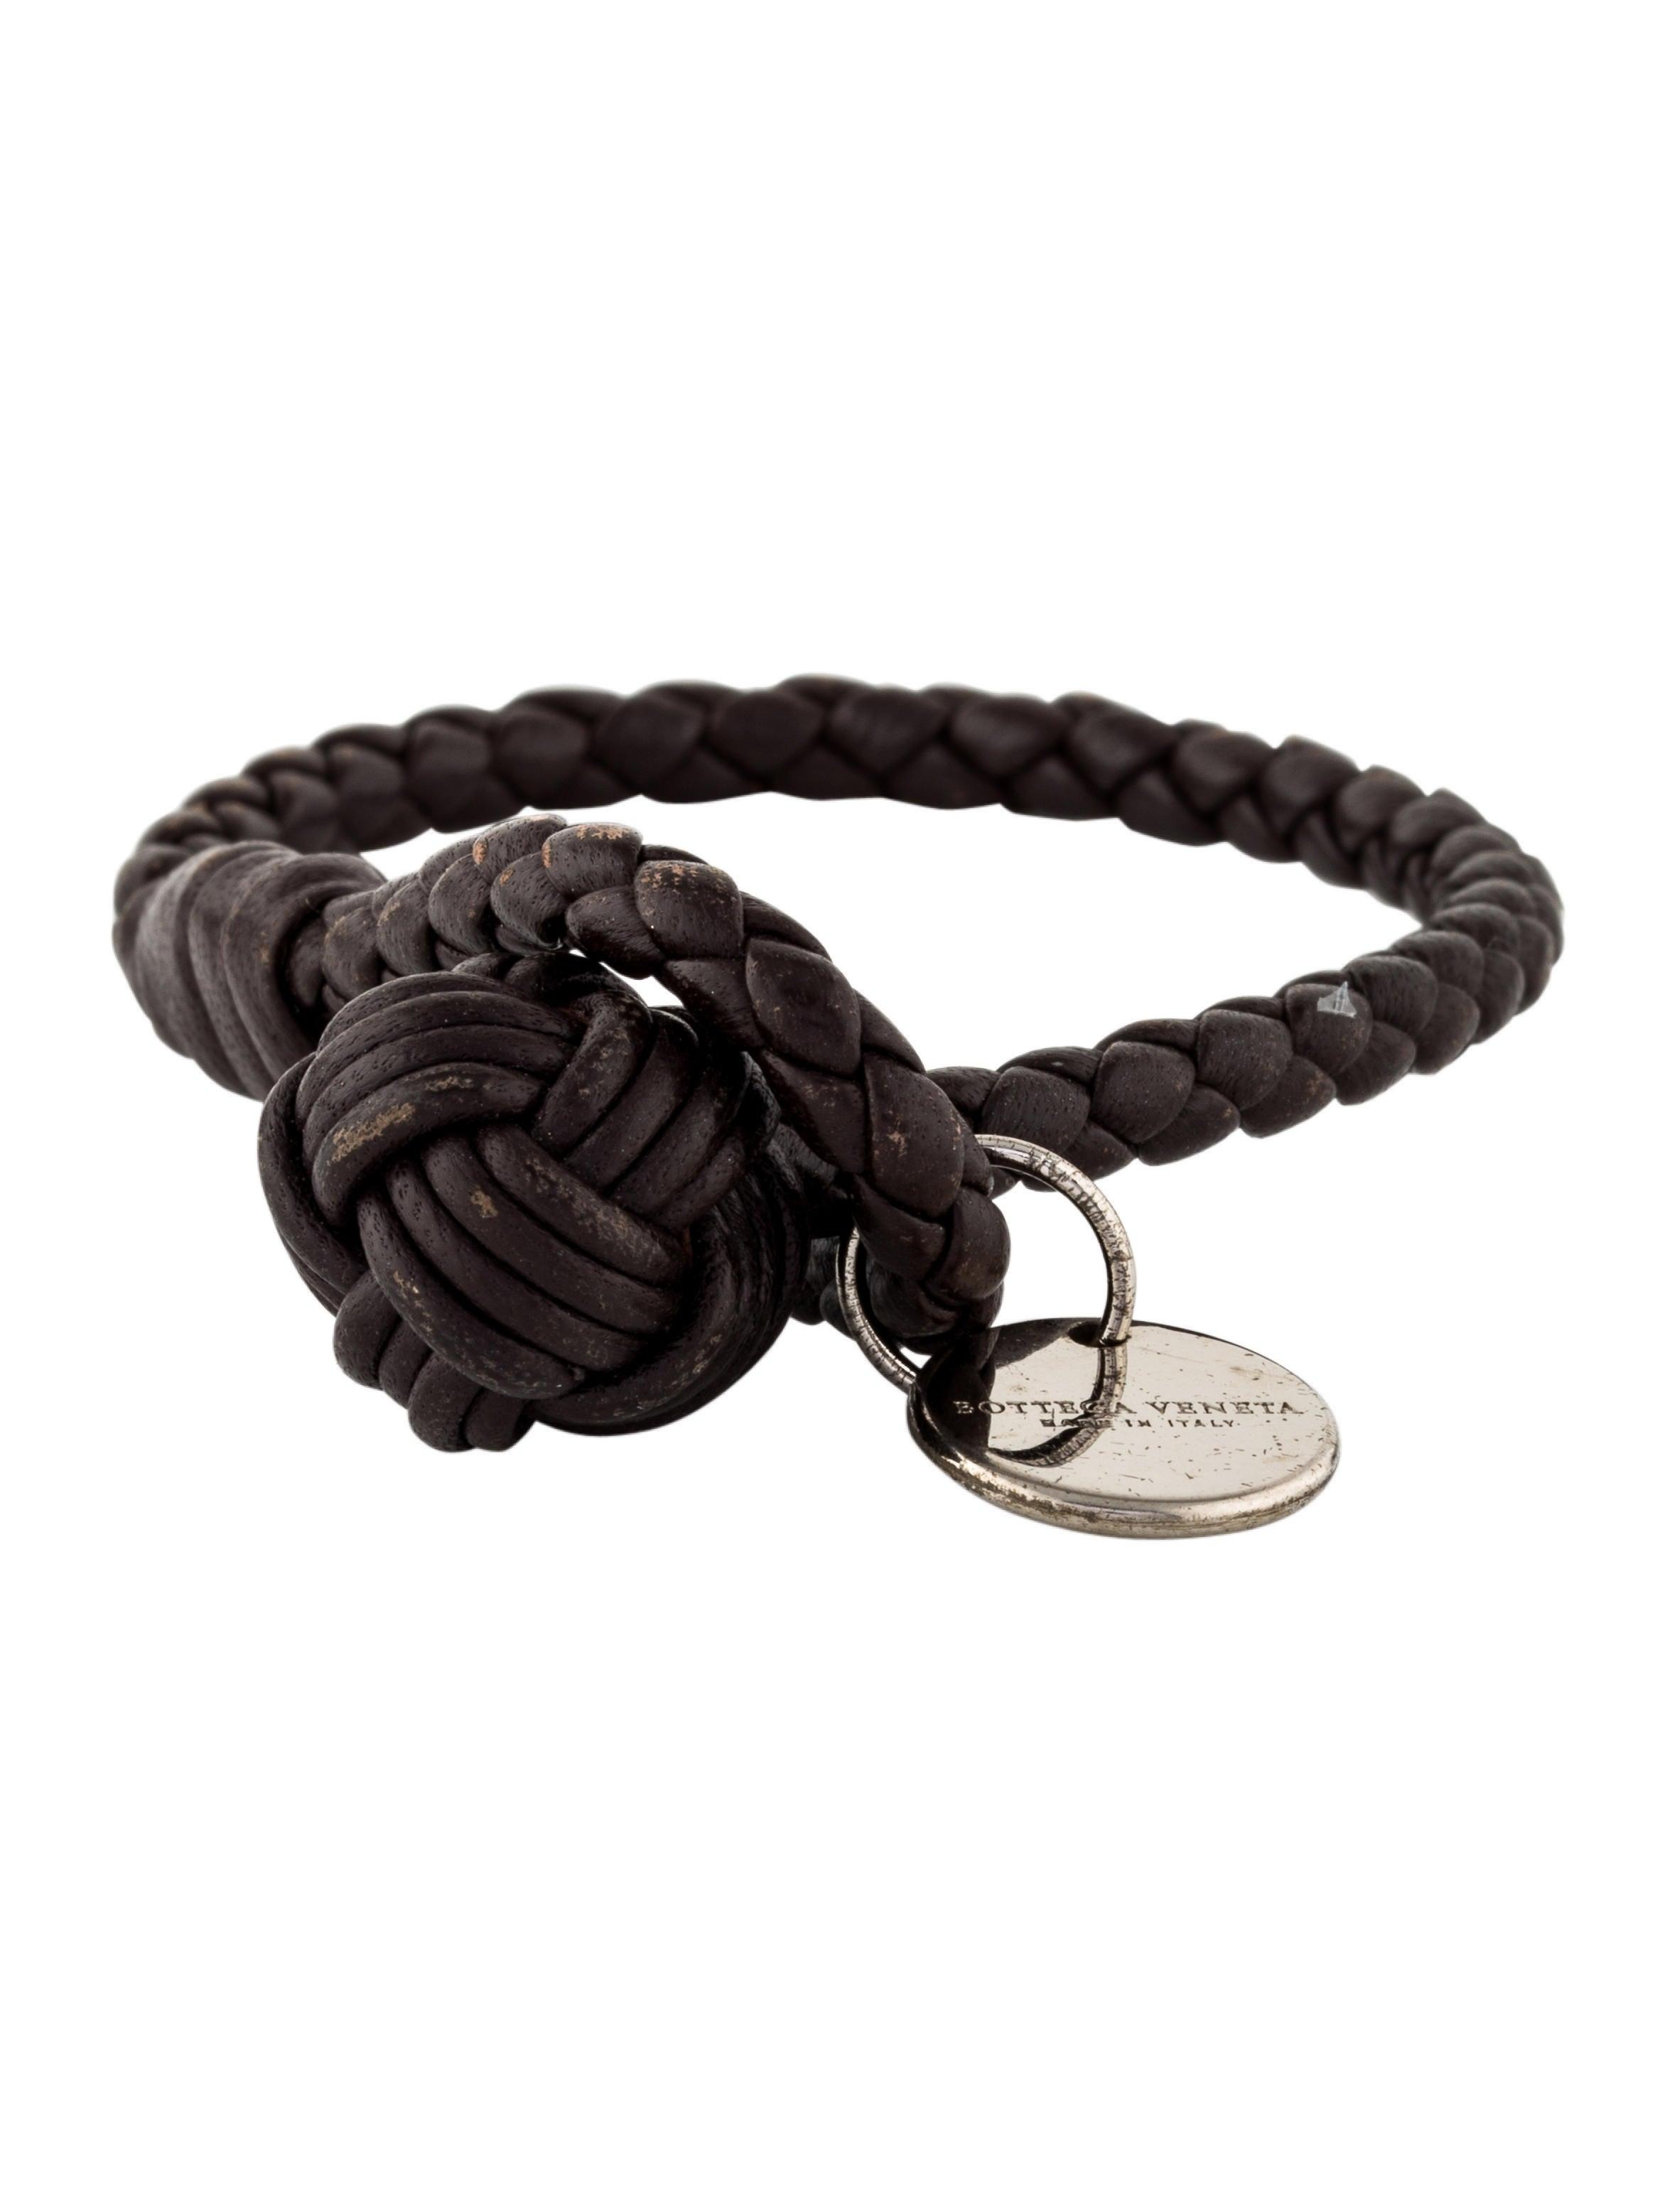 Bottega Veneta Intrecciato Single-Knot Bracelet, Black